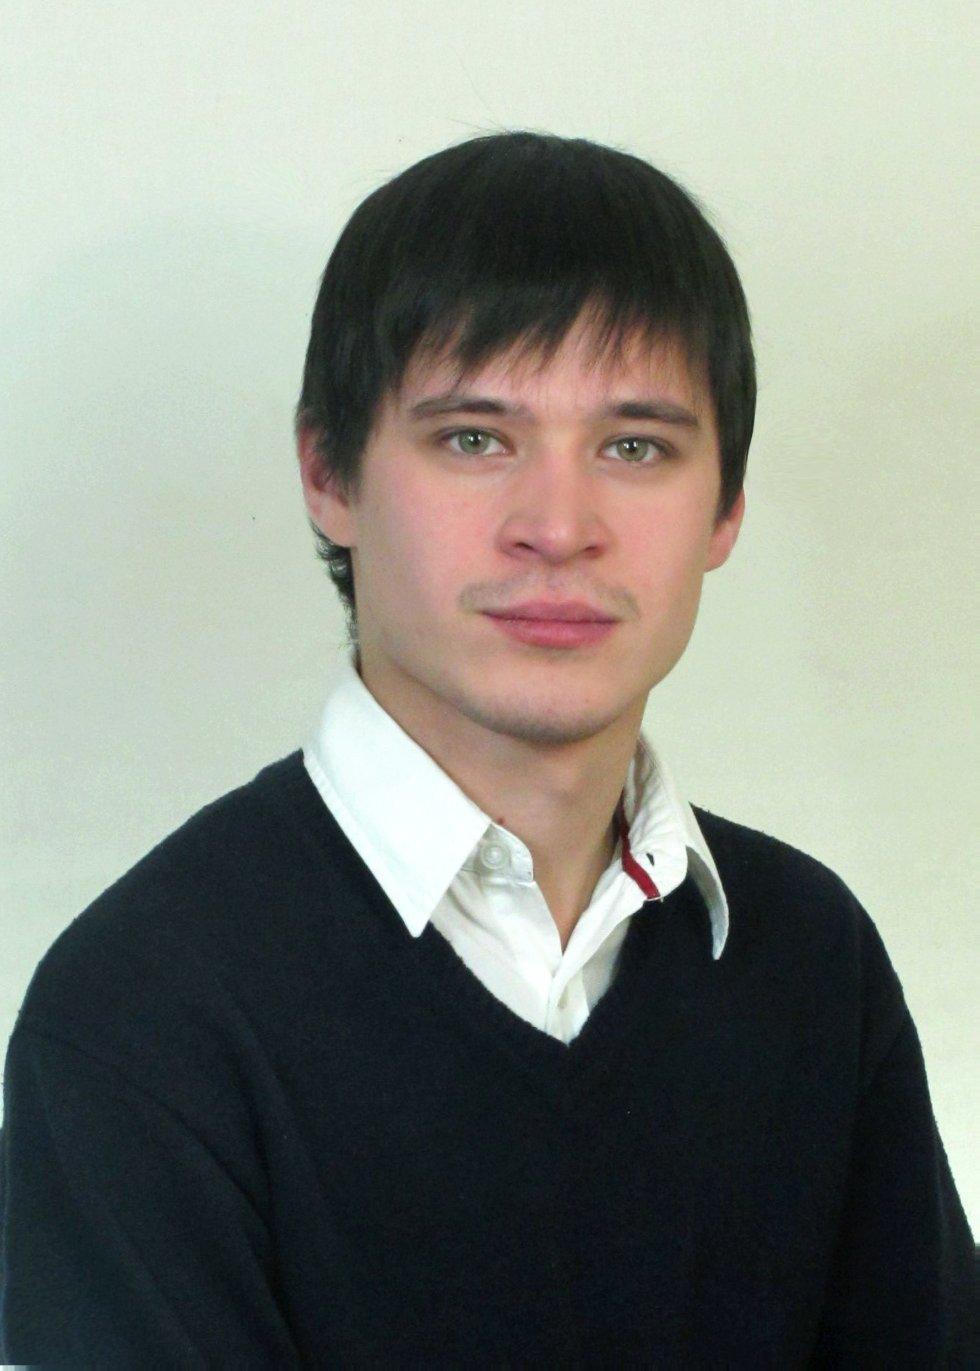 Fashutdinov Lenar Ilsurovich